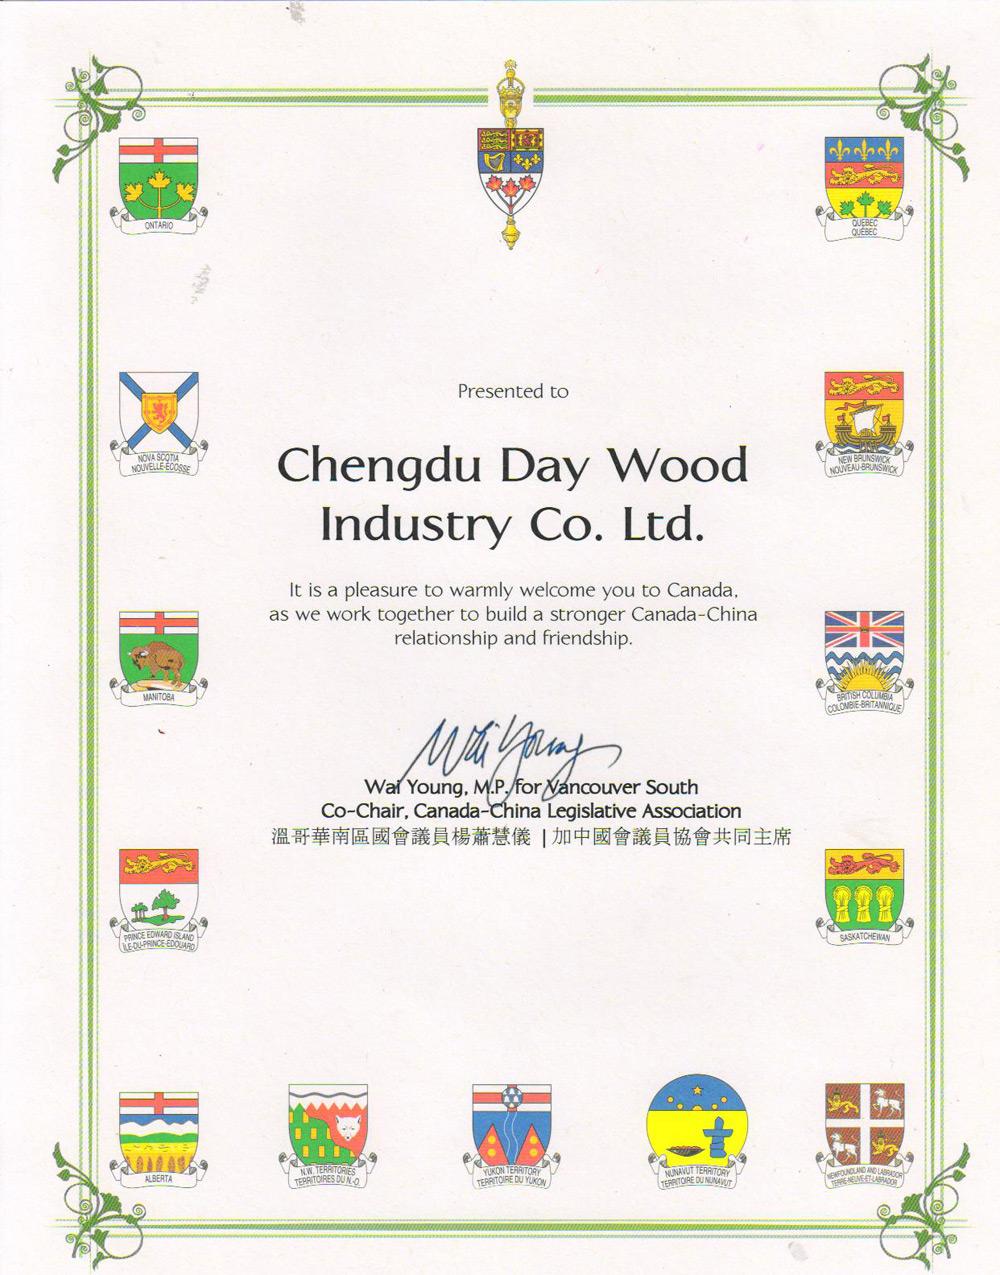 2013加拿大绿色家居先锋企业